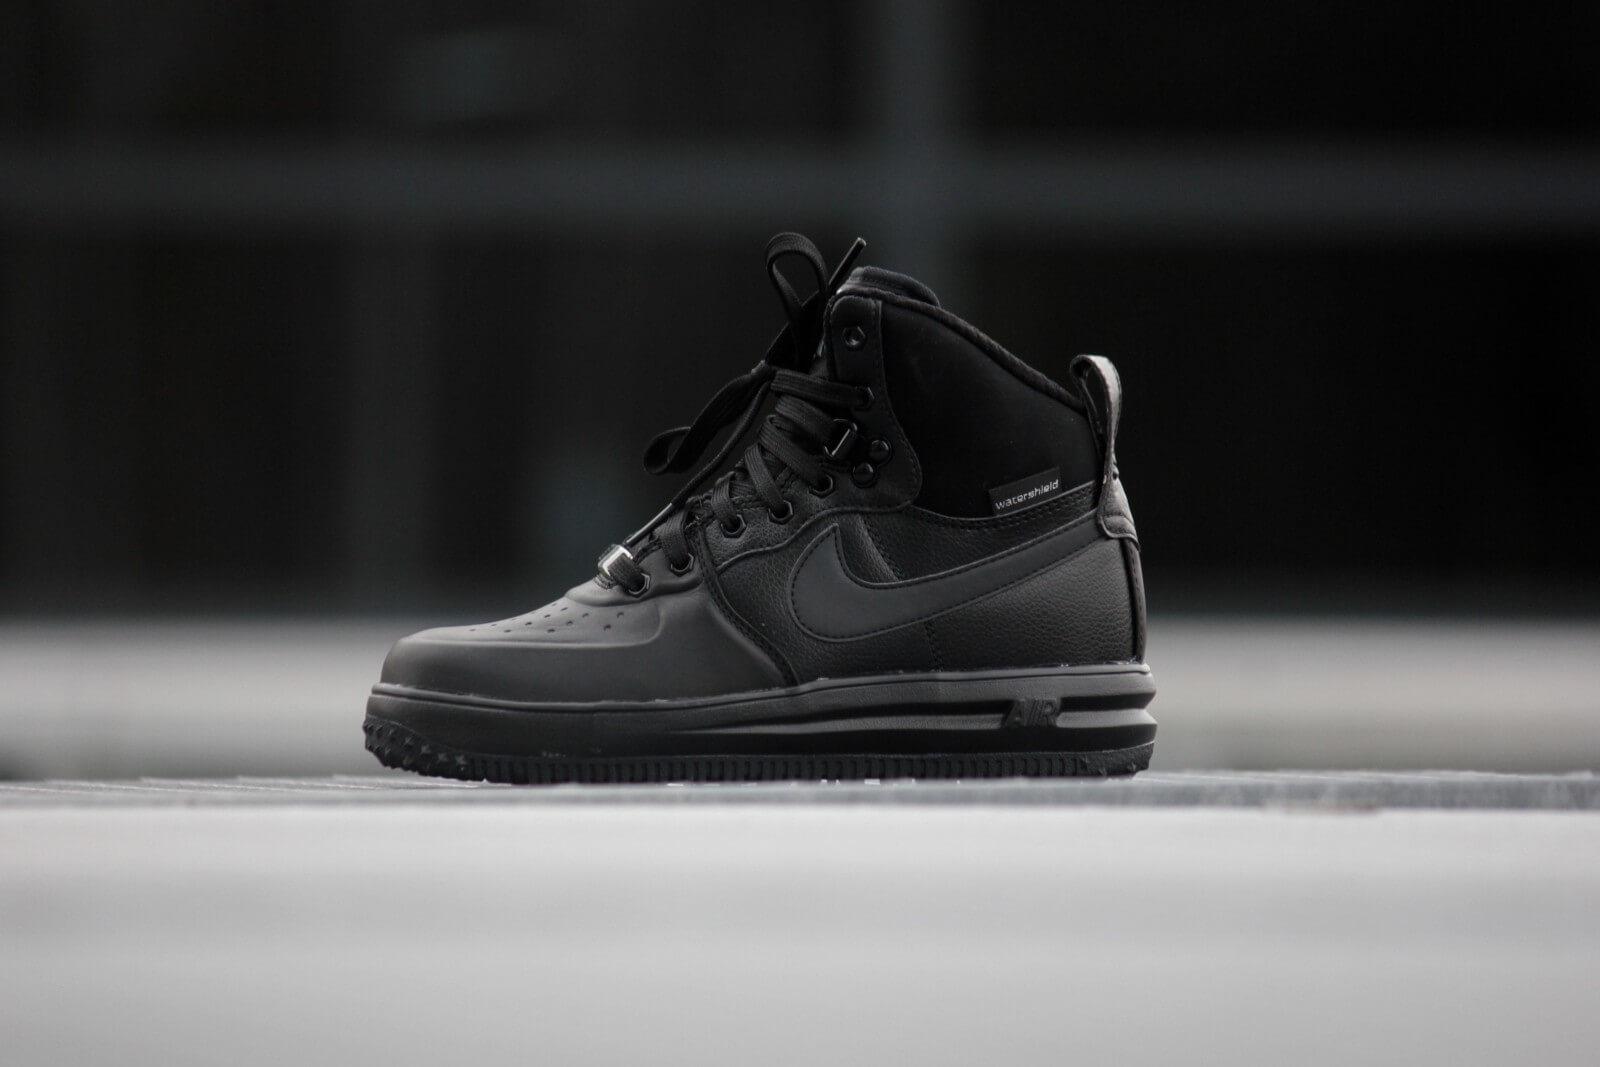 c44f0e3fe229 ... Nike Lunar Force 1 SneakerBoot (GS) Triple Black ...